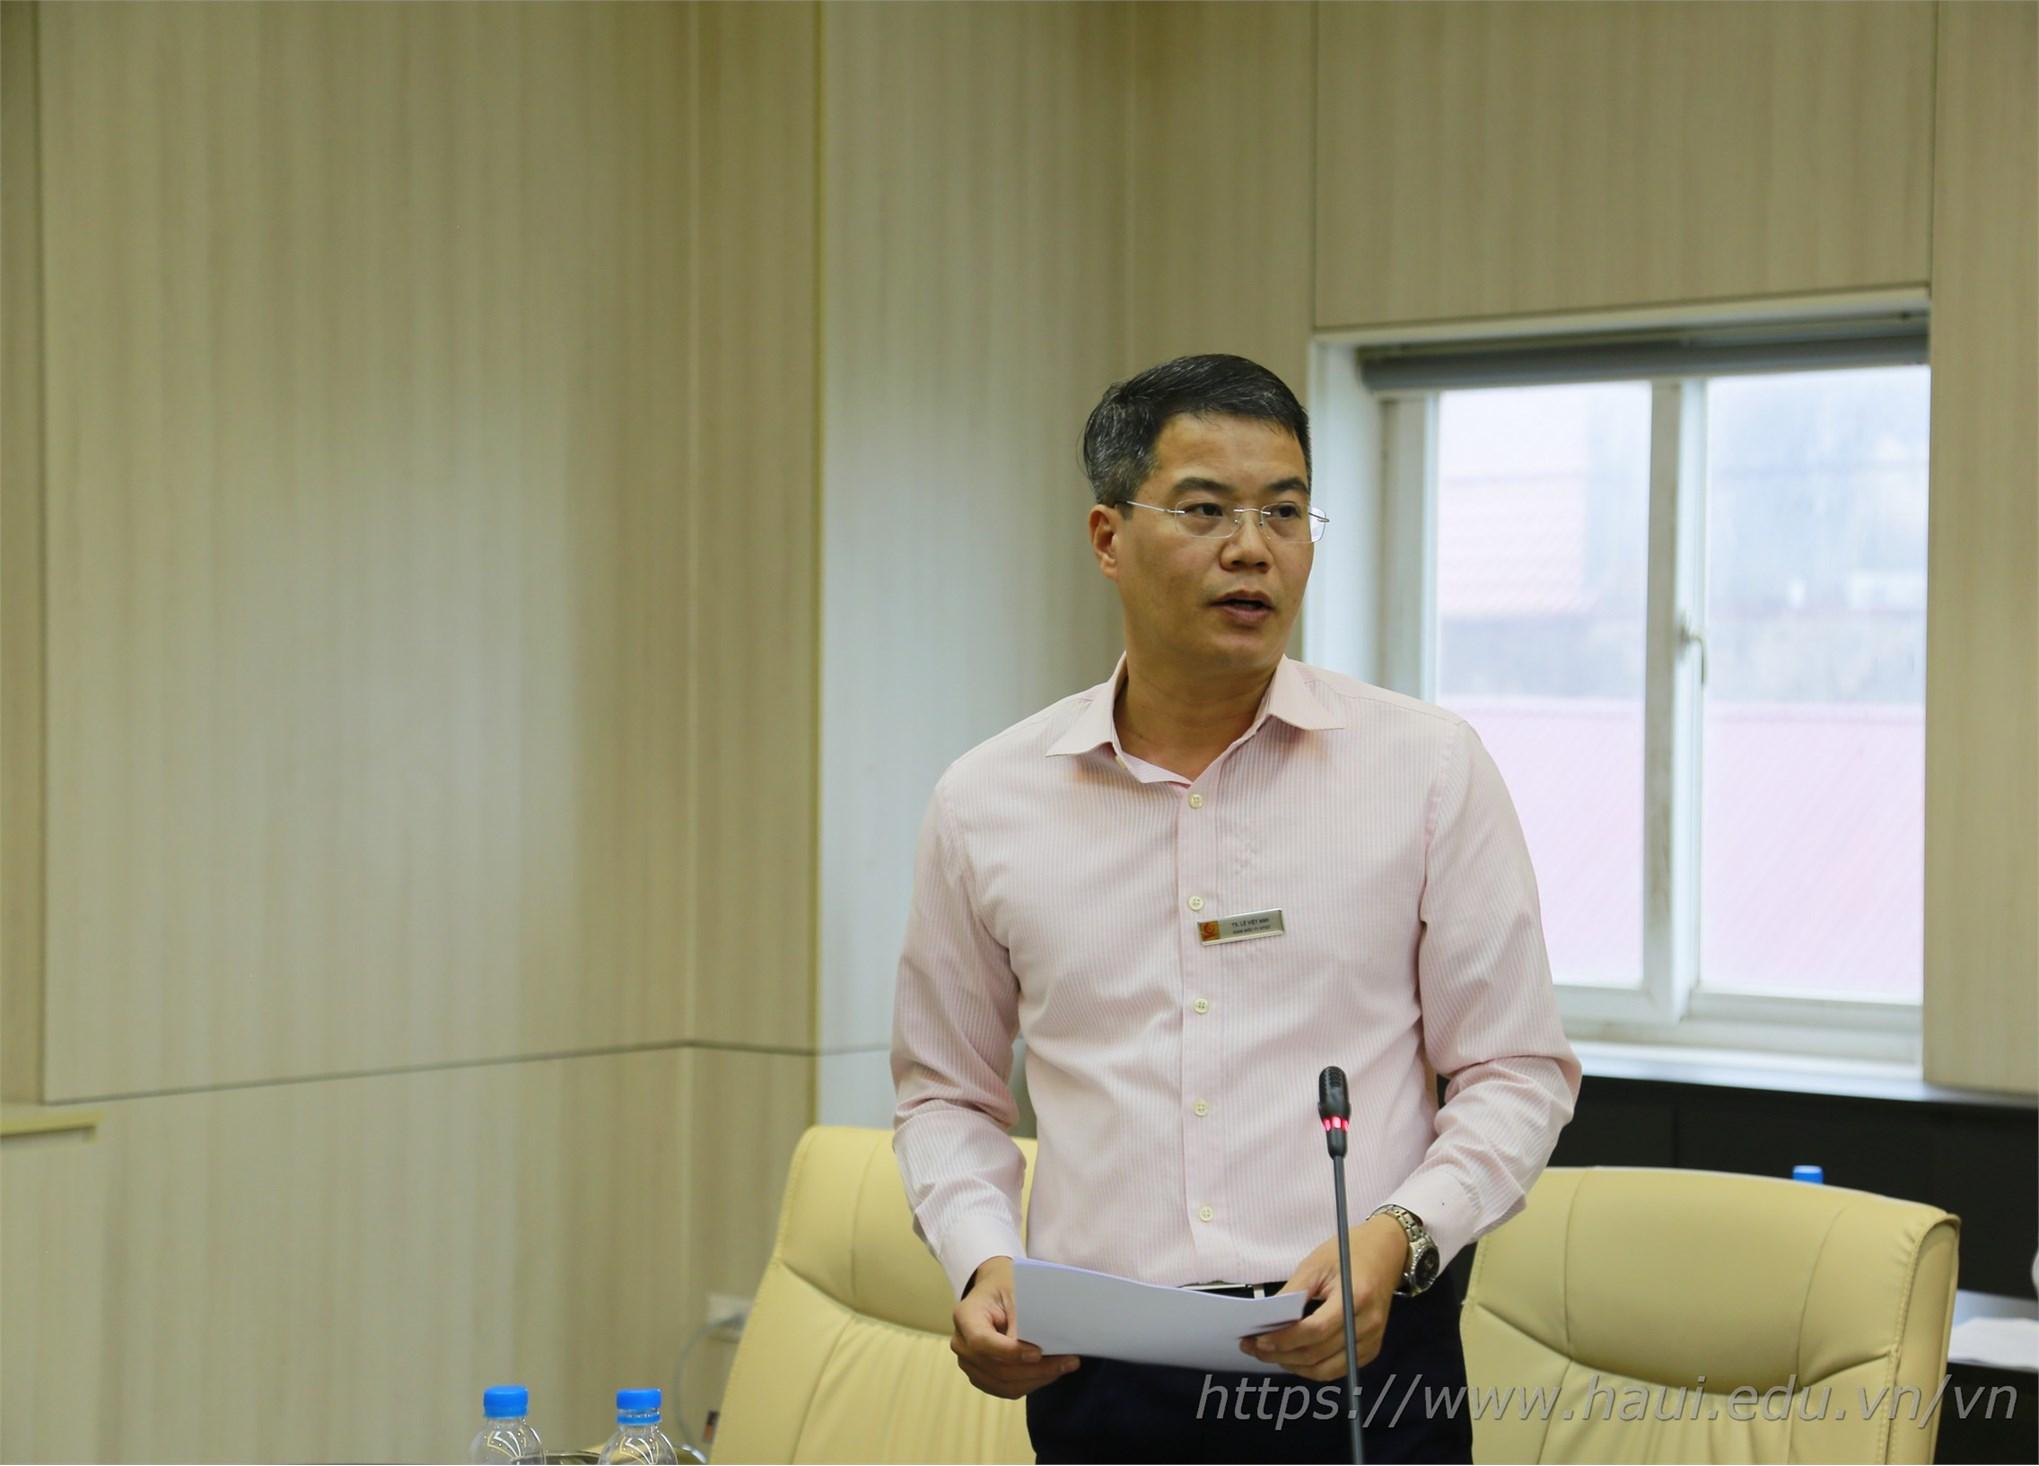 Đồng chí Lê Việt Anh - Giám đốc Trung tâm Hợp tác quốc tế cho biết sẽ phối hợp chặt chẽ với các đơn vị chức năng trong nhà trường trong công tác quản lý, đảm bảo ANTT cho lưu học sinh, du học sinh đang học tập tại ĐHCNHN